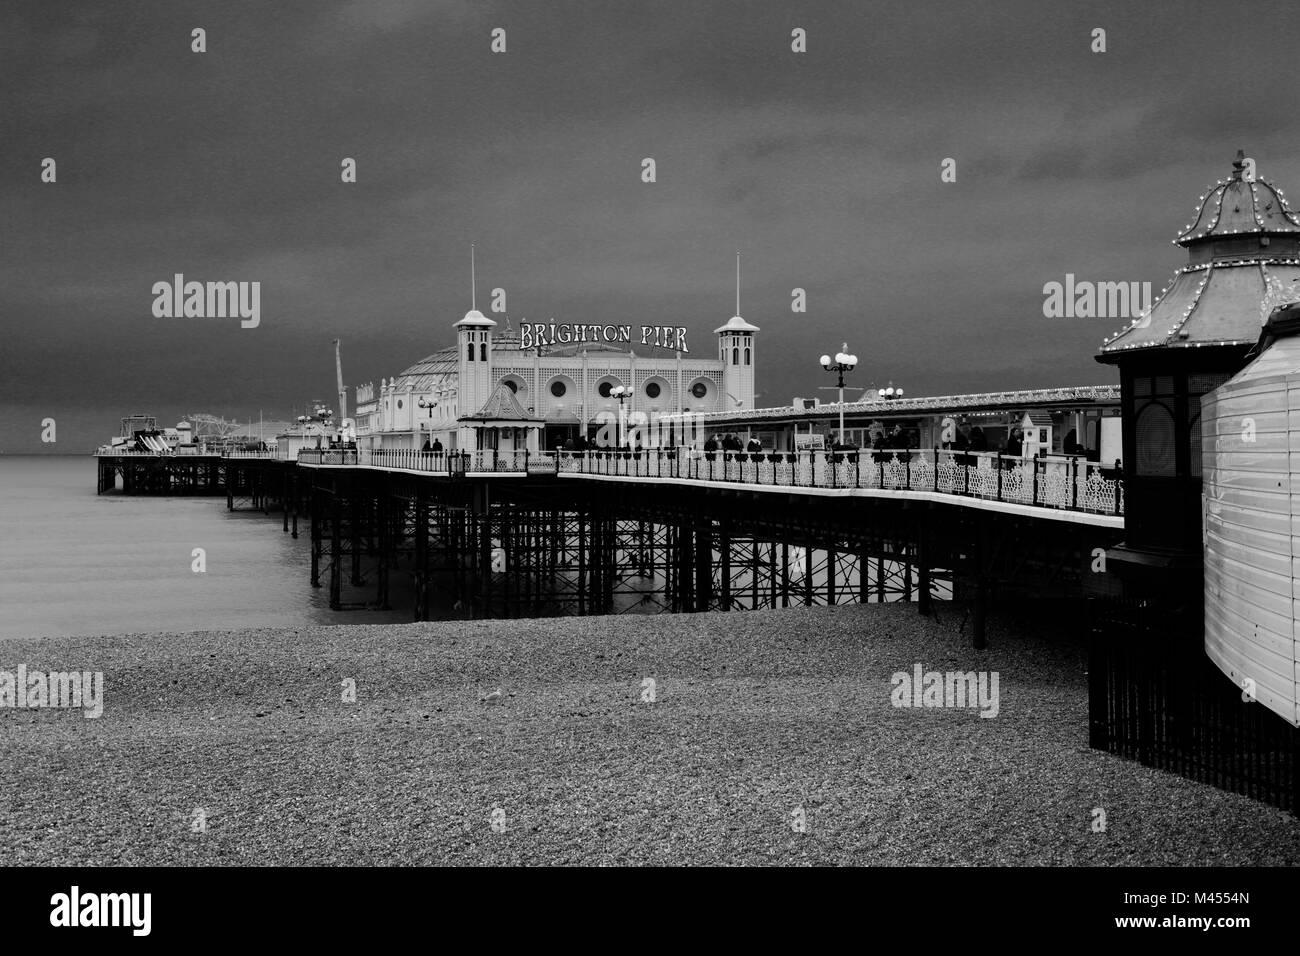 Dramatische Himmel über dem Palace Pier von Brighton, Brighton & Hove, East Sussex, England, Großbritannien Stockbild